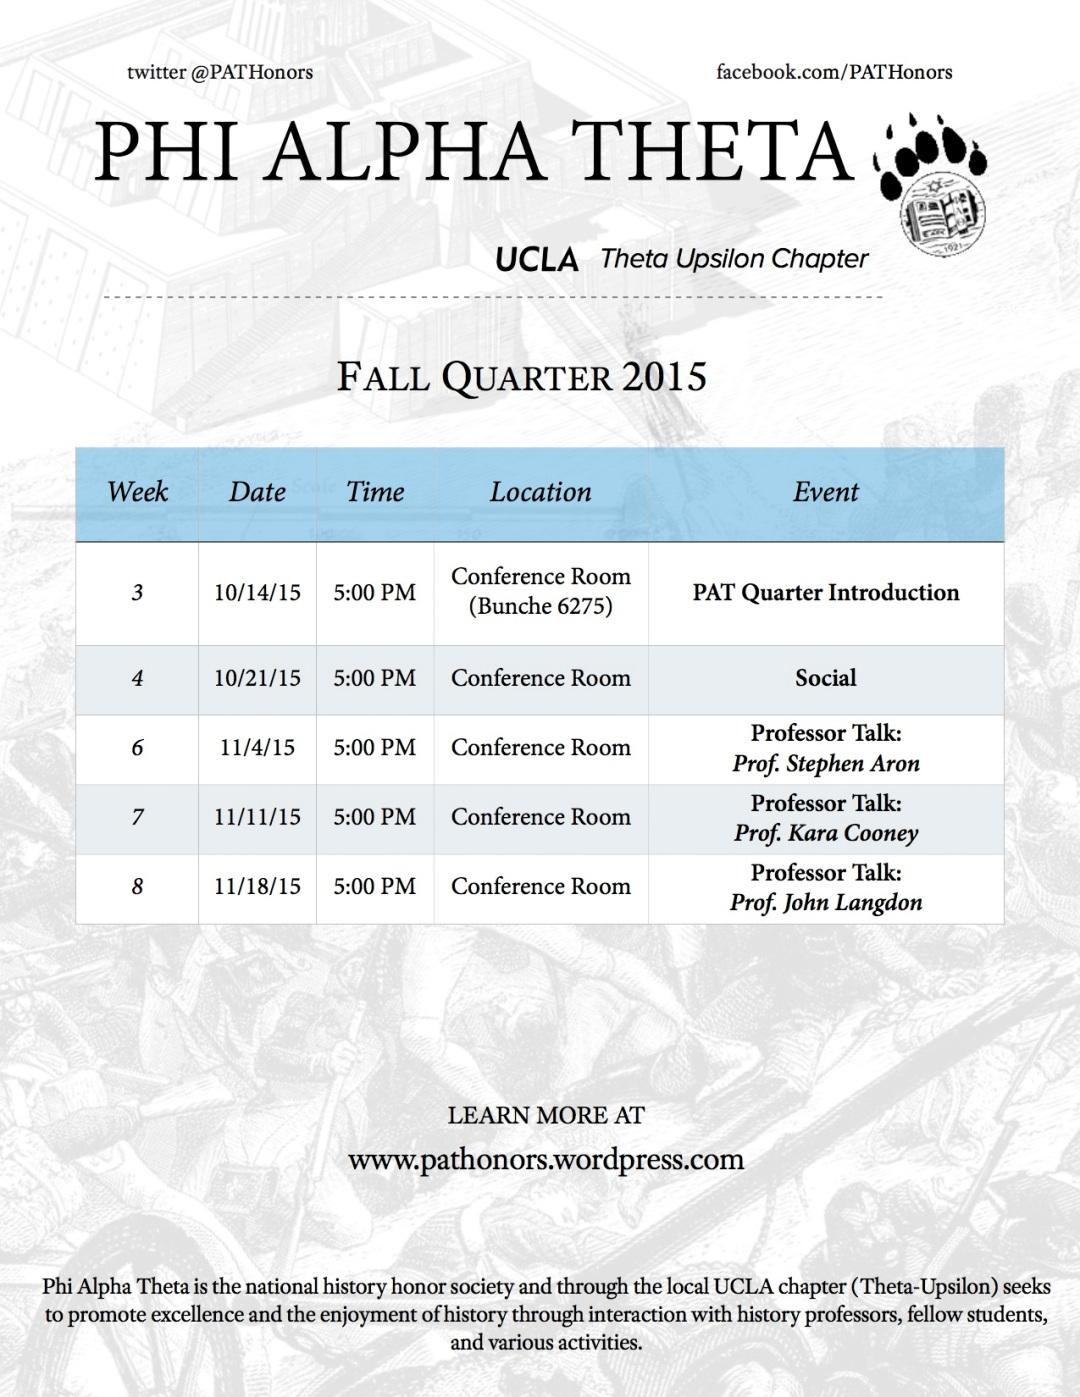 Flyer - Final Fall 2015 Schedule